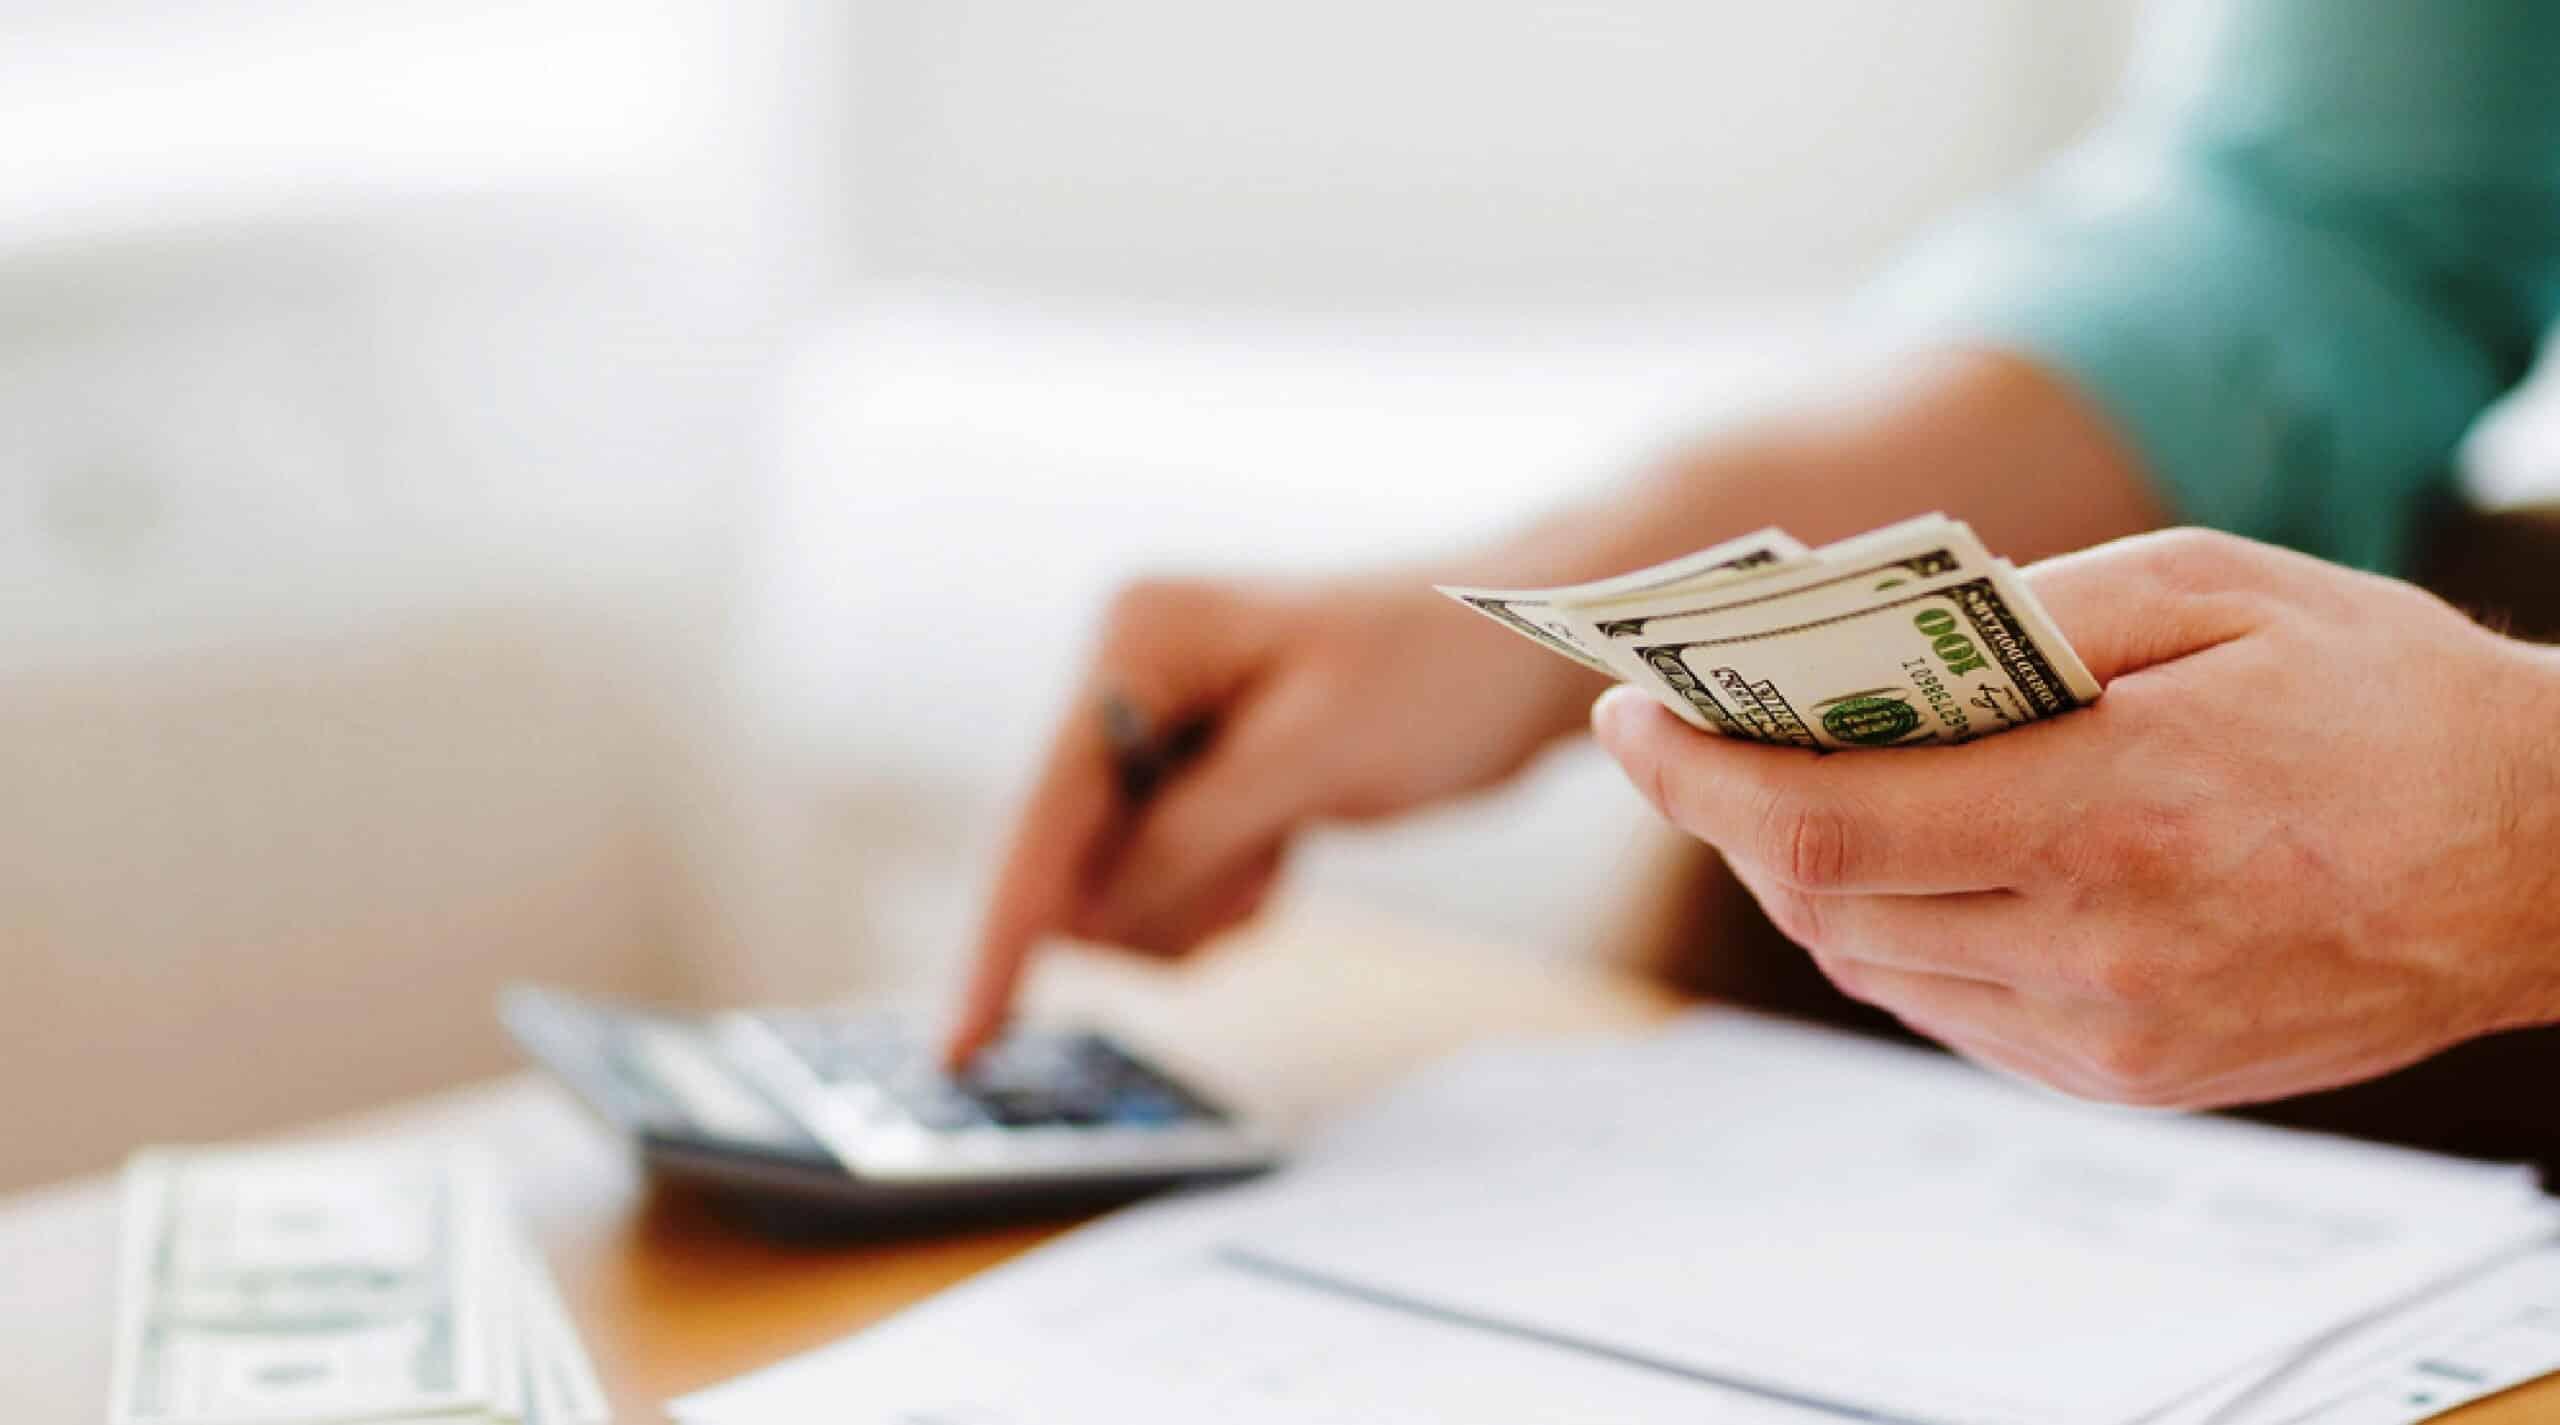 Simplificação do sistema tributário é uma das metas do governo para 2017